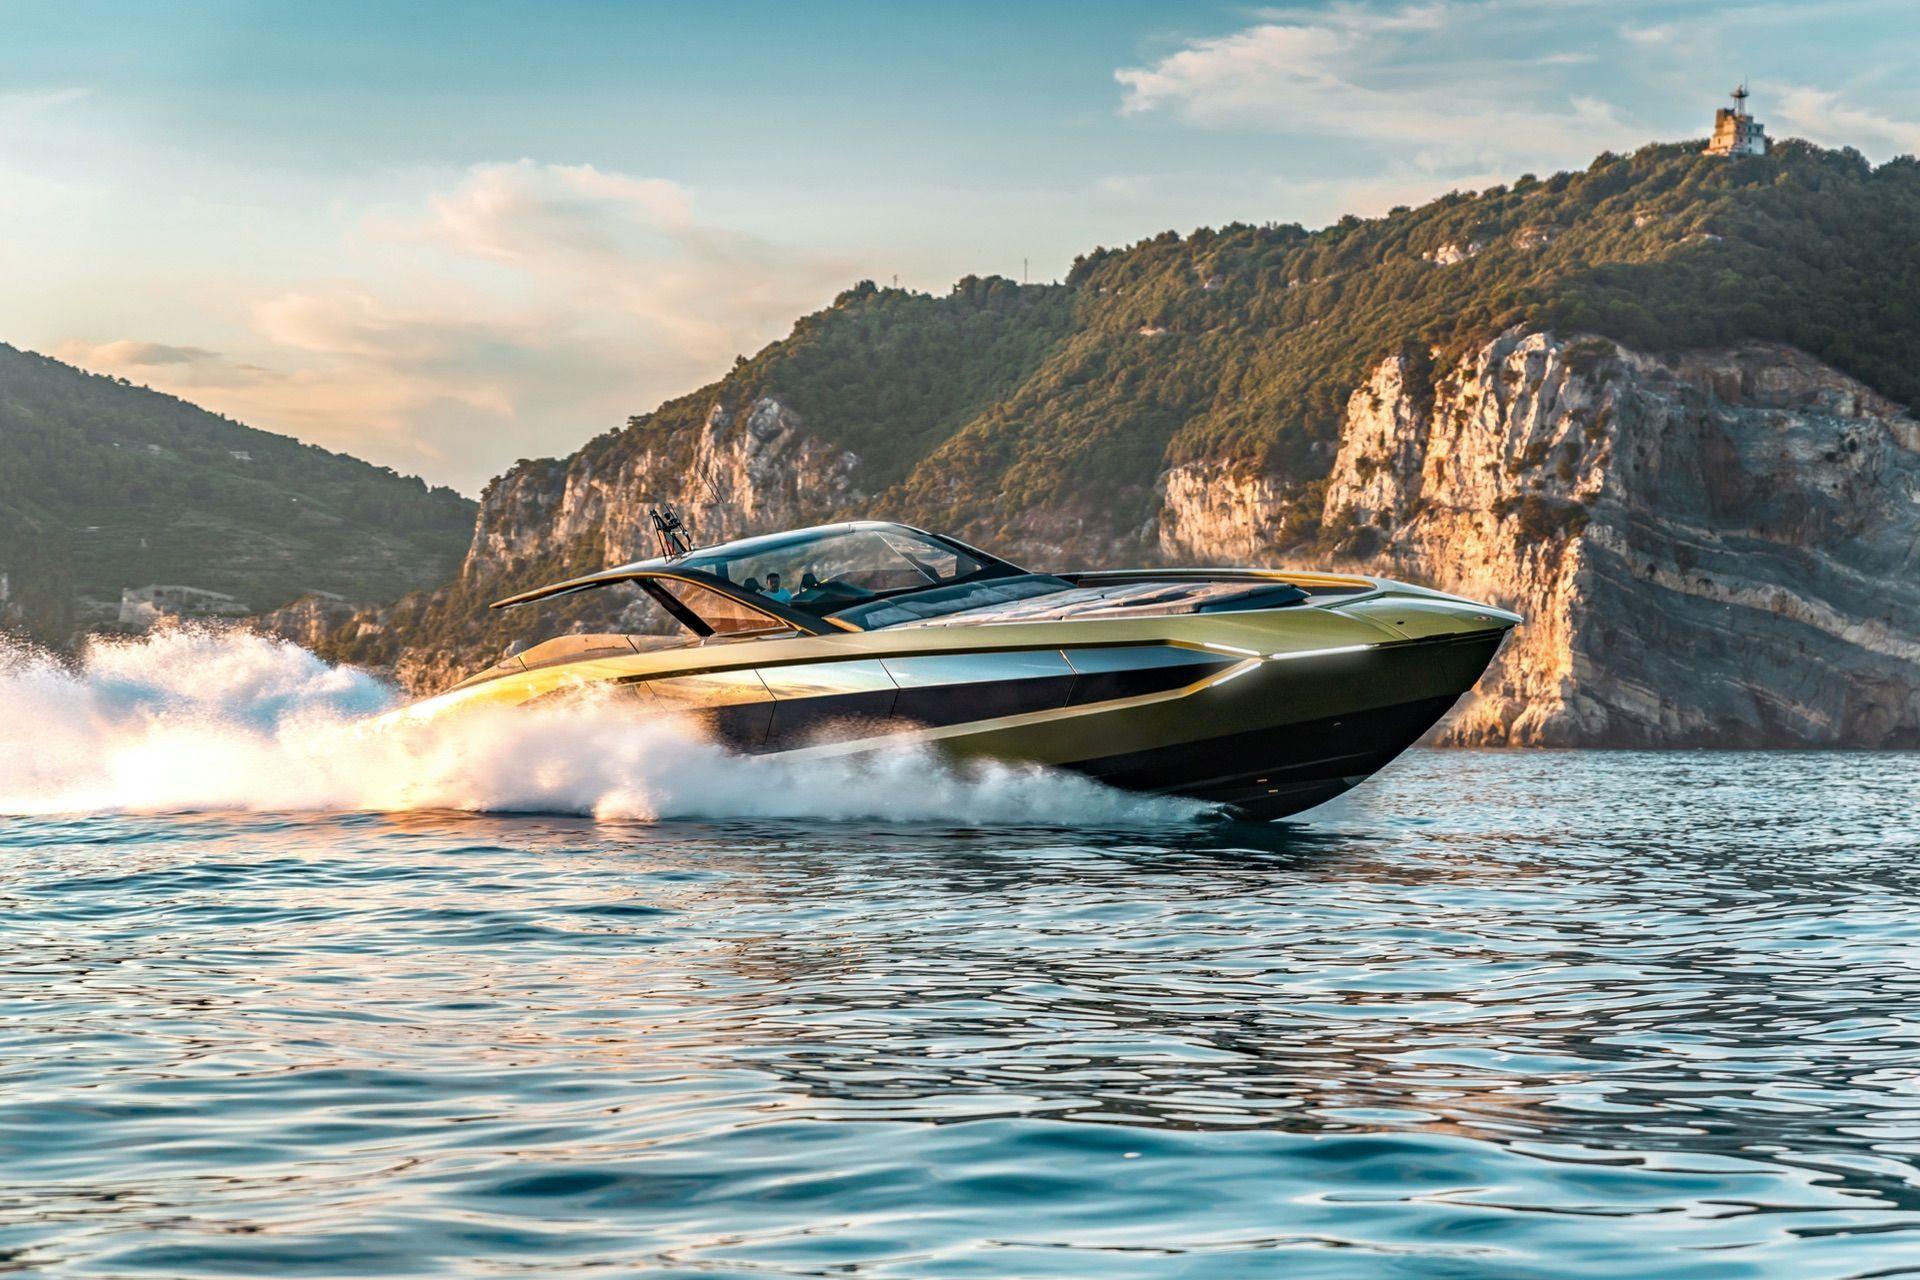 Tecnomar-Lamborghini-63-Yacht-16